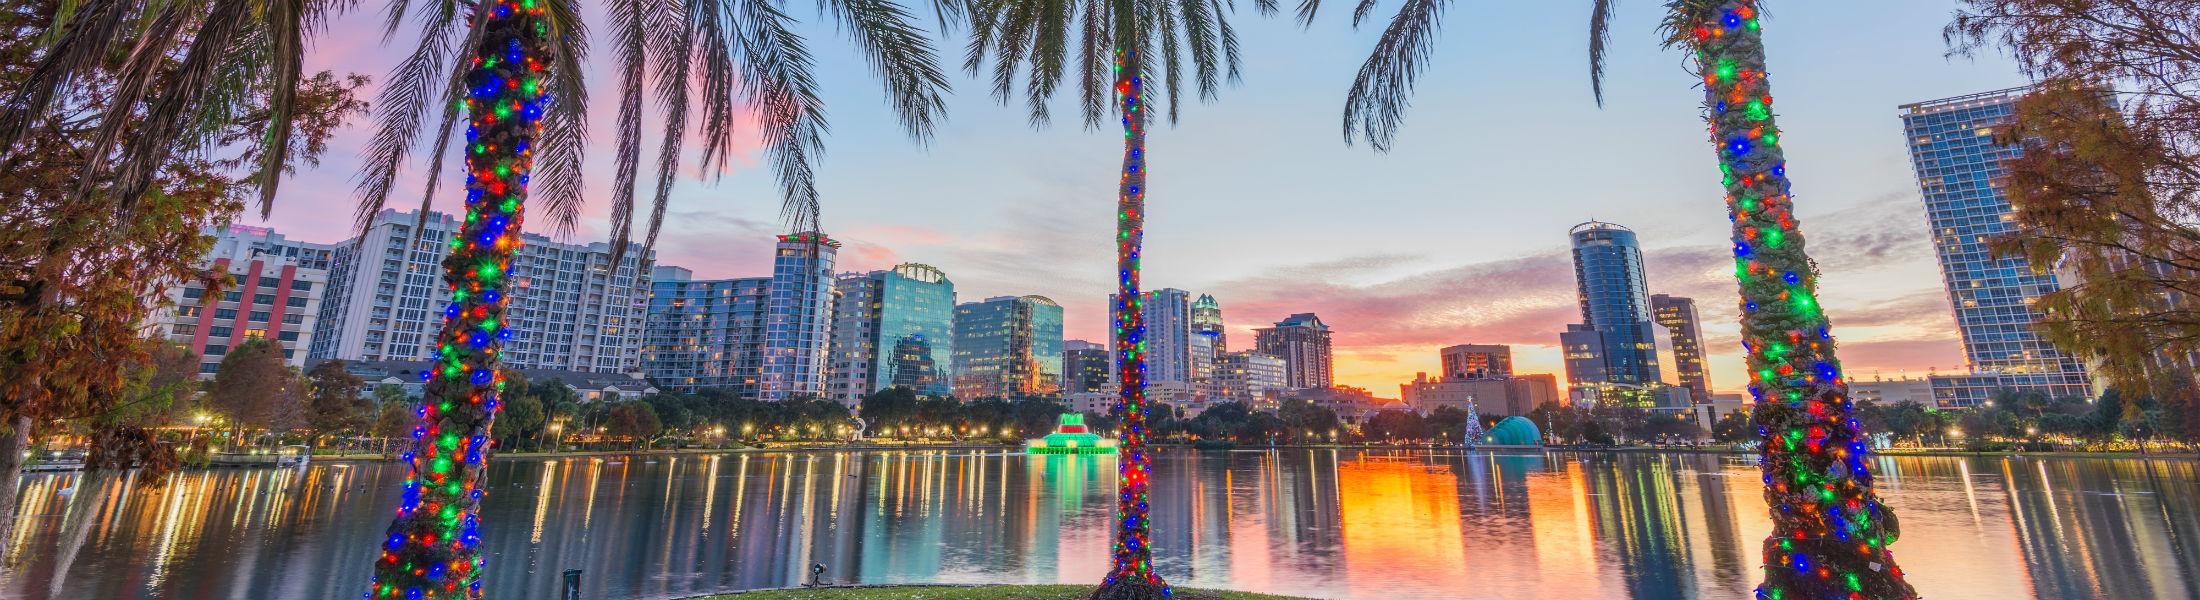 Orlando Florida USA downtown skyline at Eola Lake